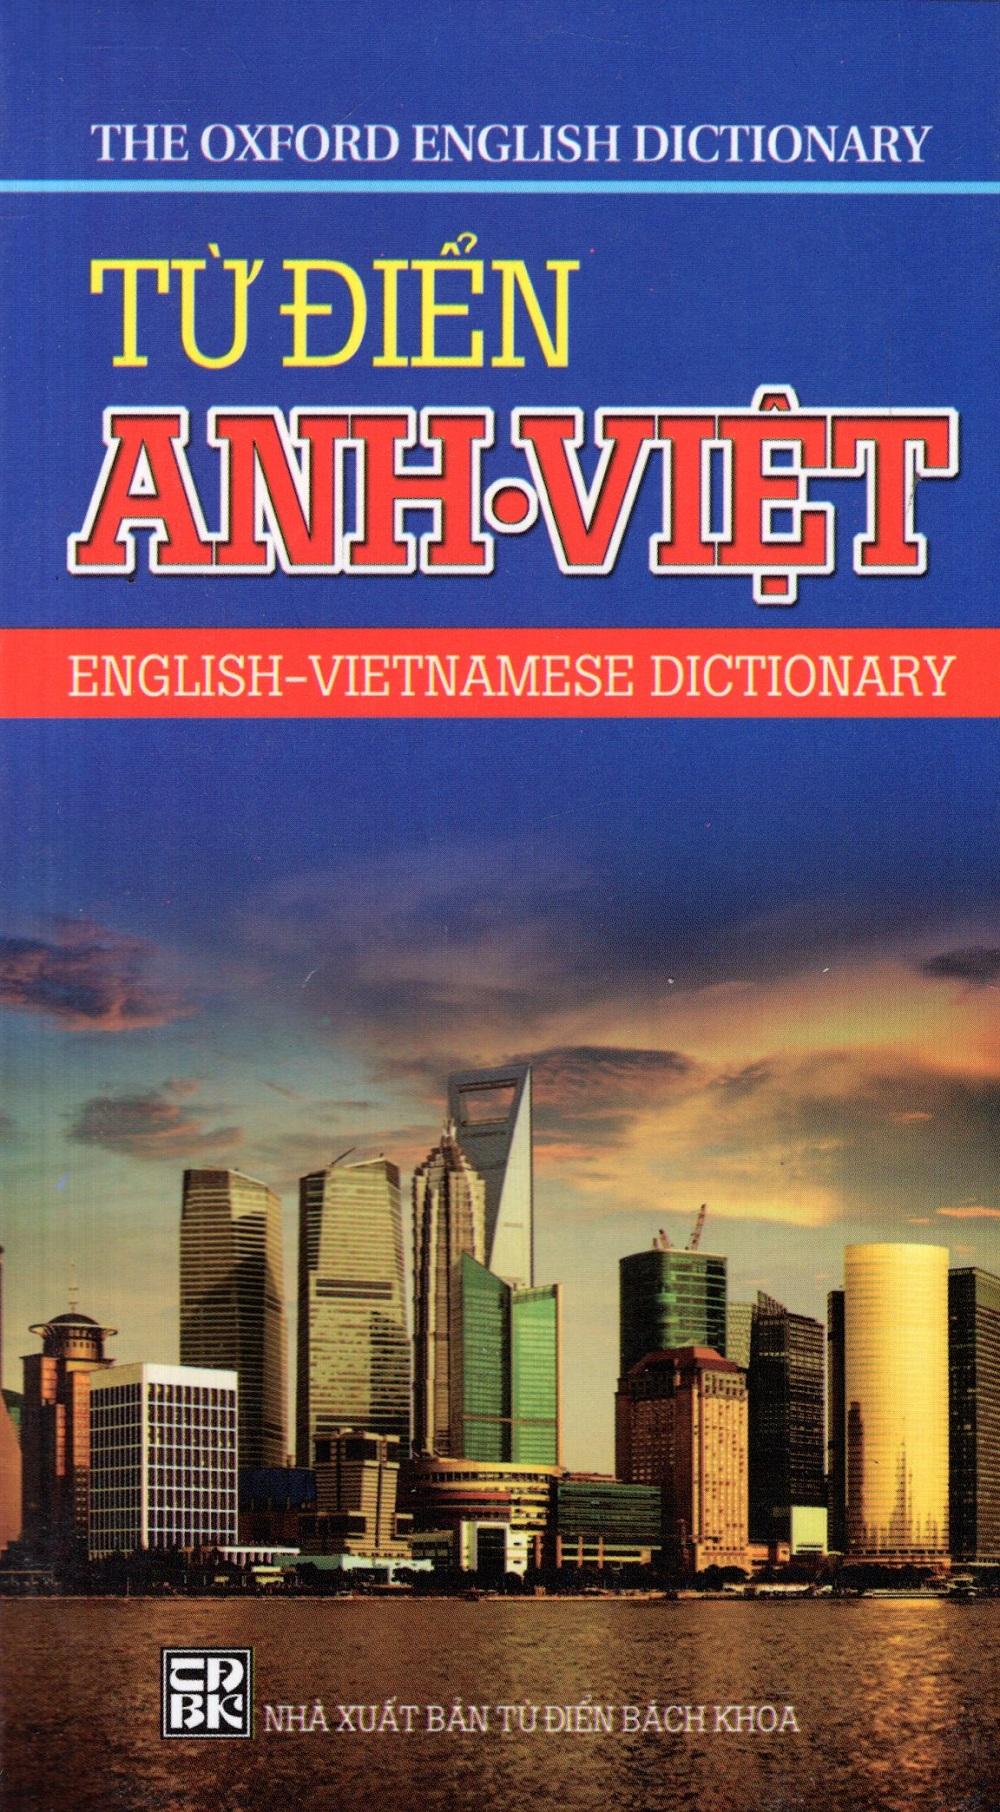 Bìa sách Từ Điển Anh - Việt (Minh Trí) - Sách Bỏ Túi